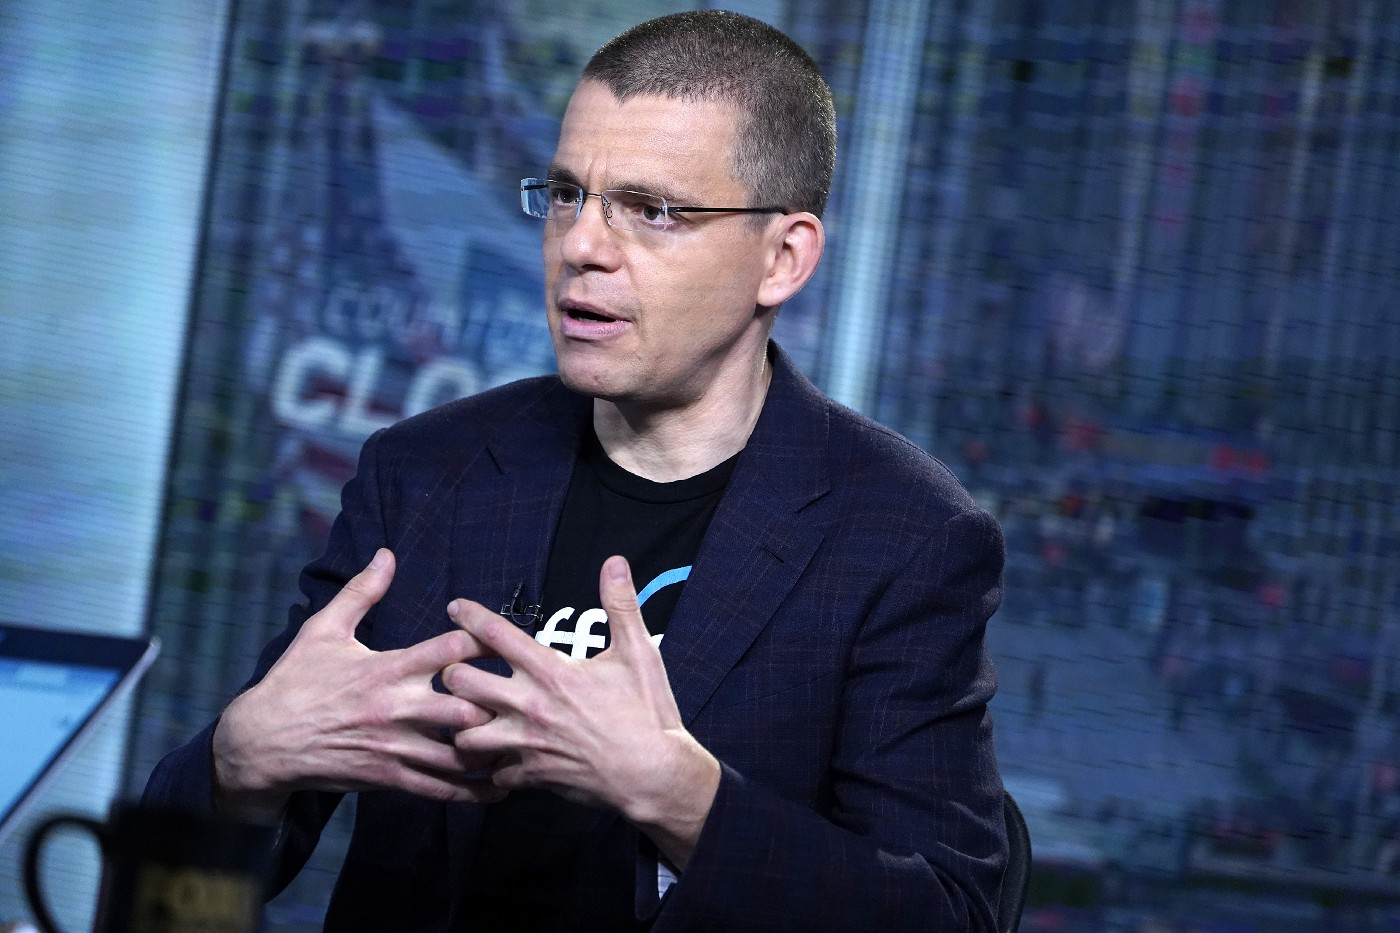 Affirm CEO: Việc mua lại Afterpay của Square cho thấy rằng tiền điện tử đang chuyển sang xu hướng chủ đạo